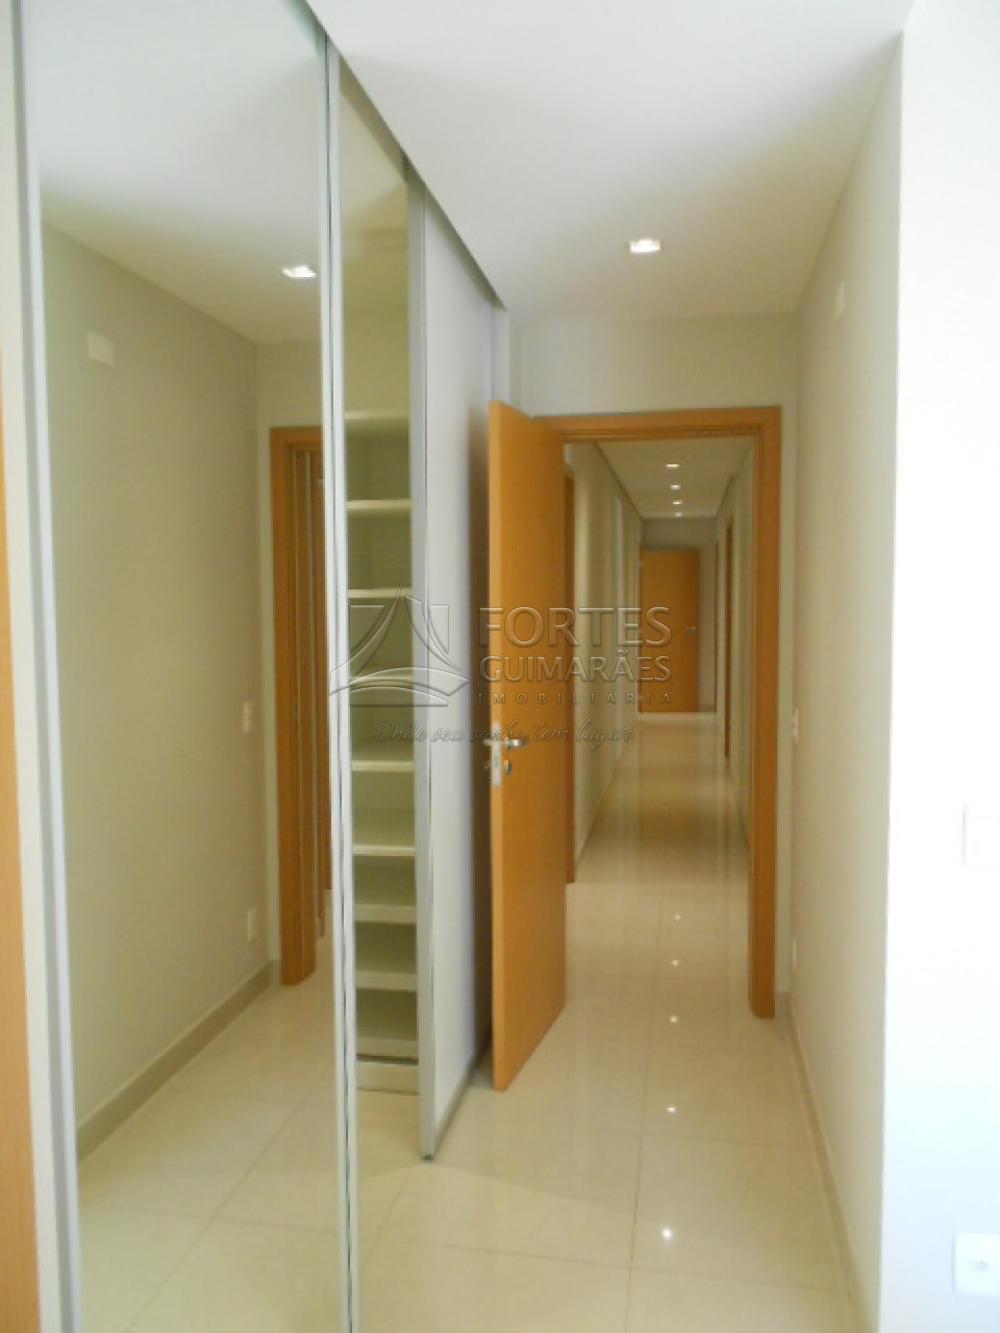 Alugar Apartamentos / Padrão em Ribeirão Preto apenas R$ 8.500,00 - Foto 46